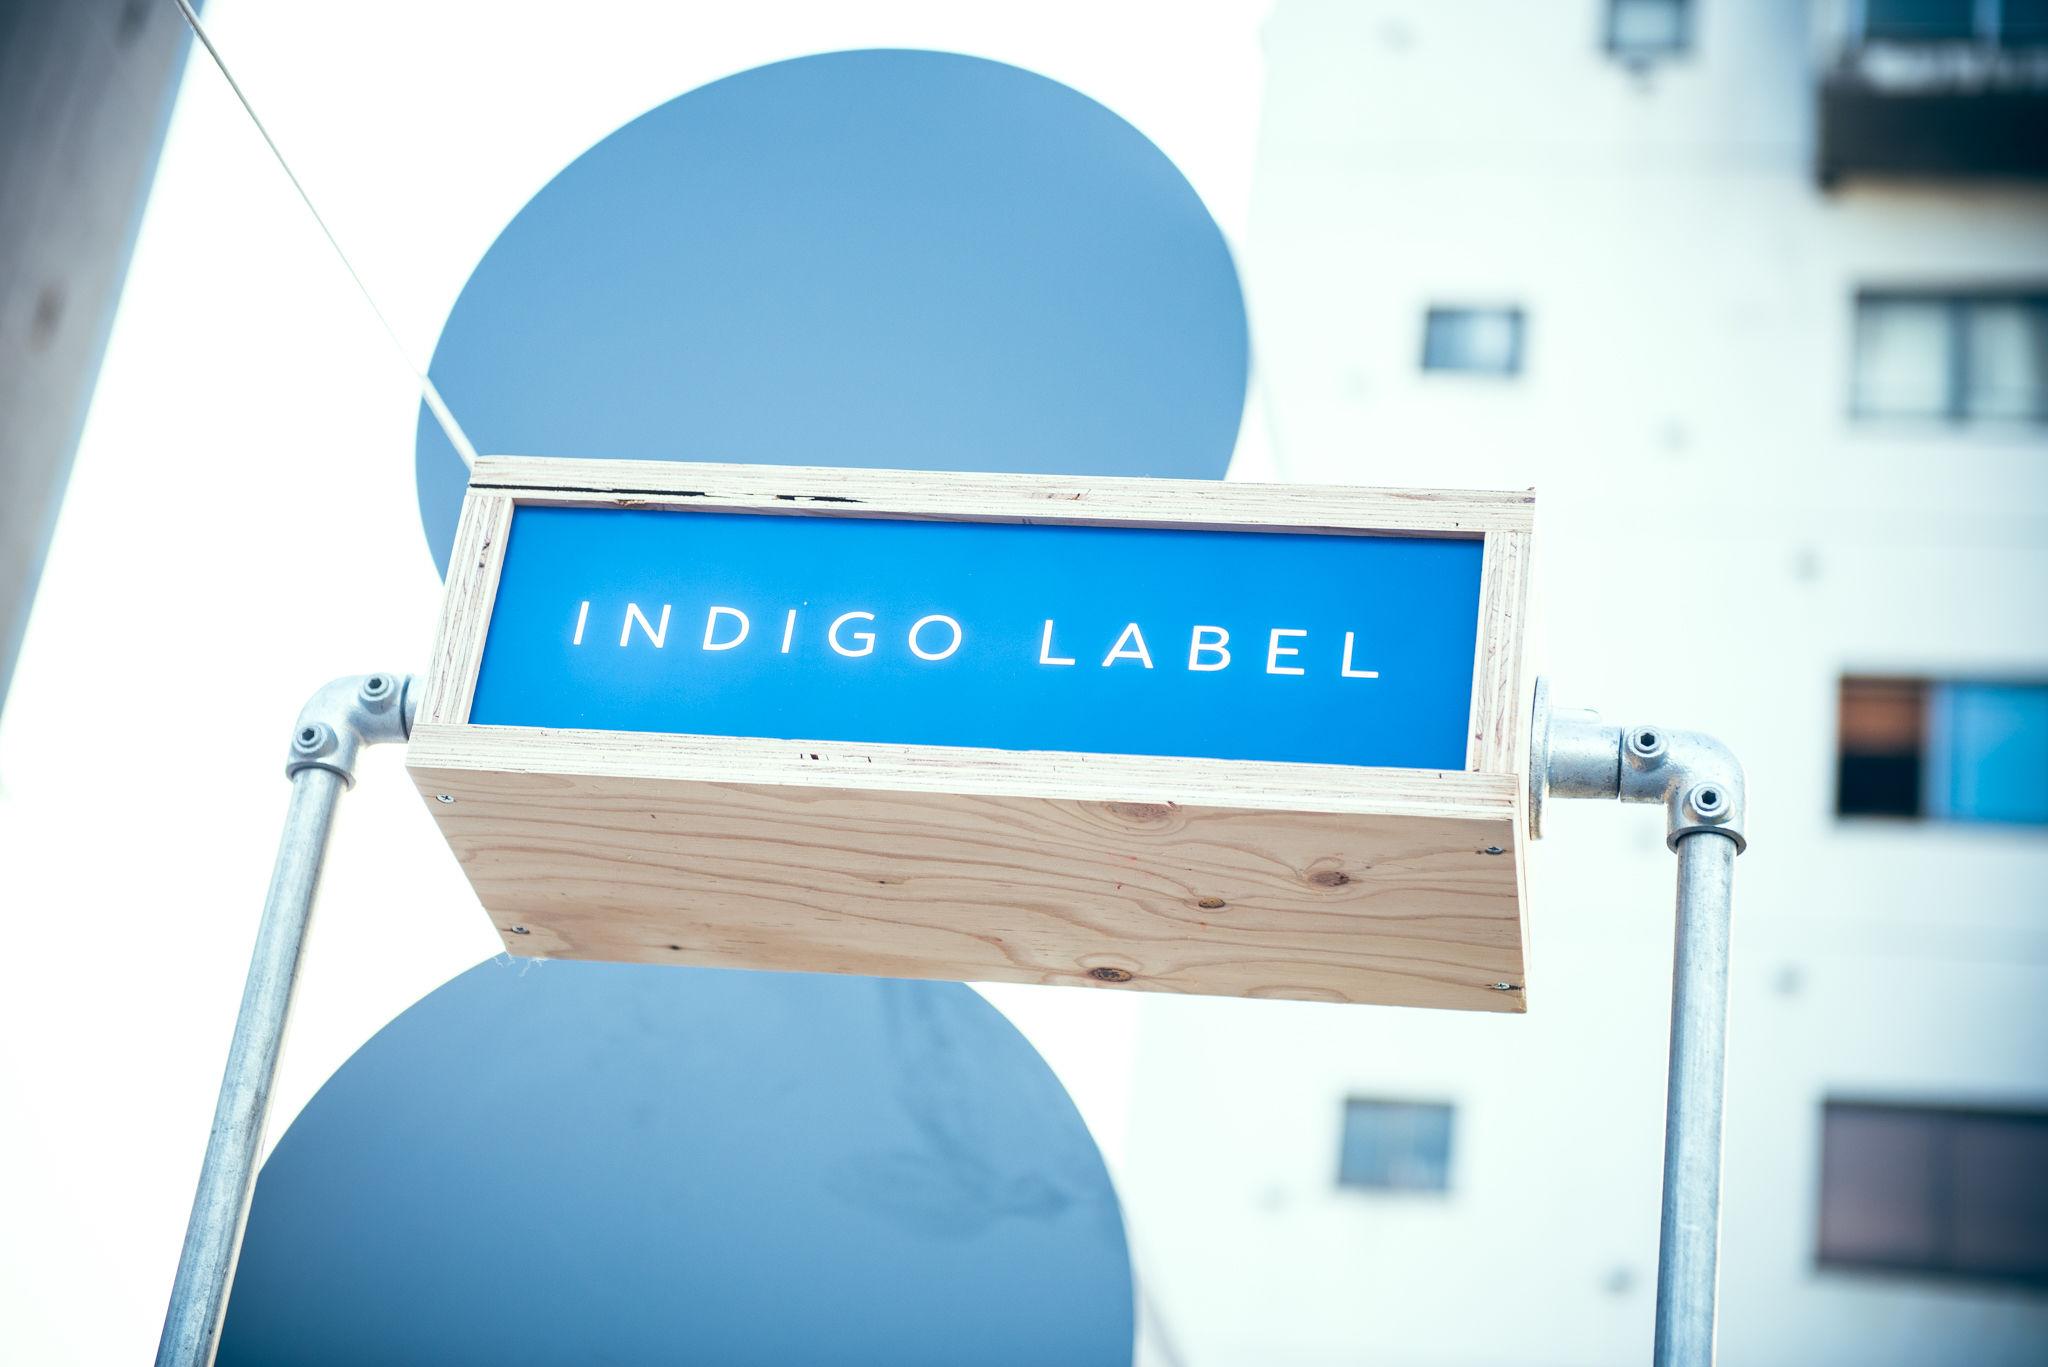 Colemanとmonroが手がける『INDIGO LABEL』は、食にだってこだわるブランドだ!